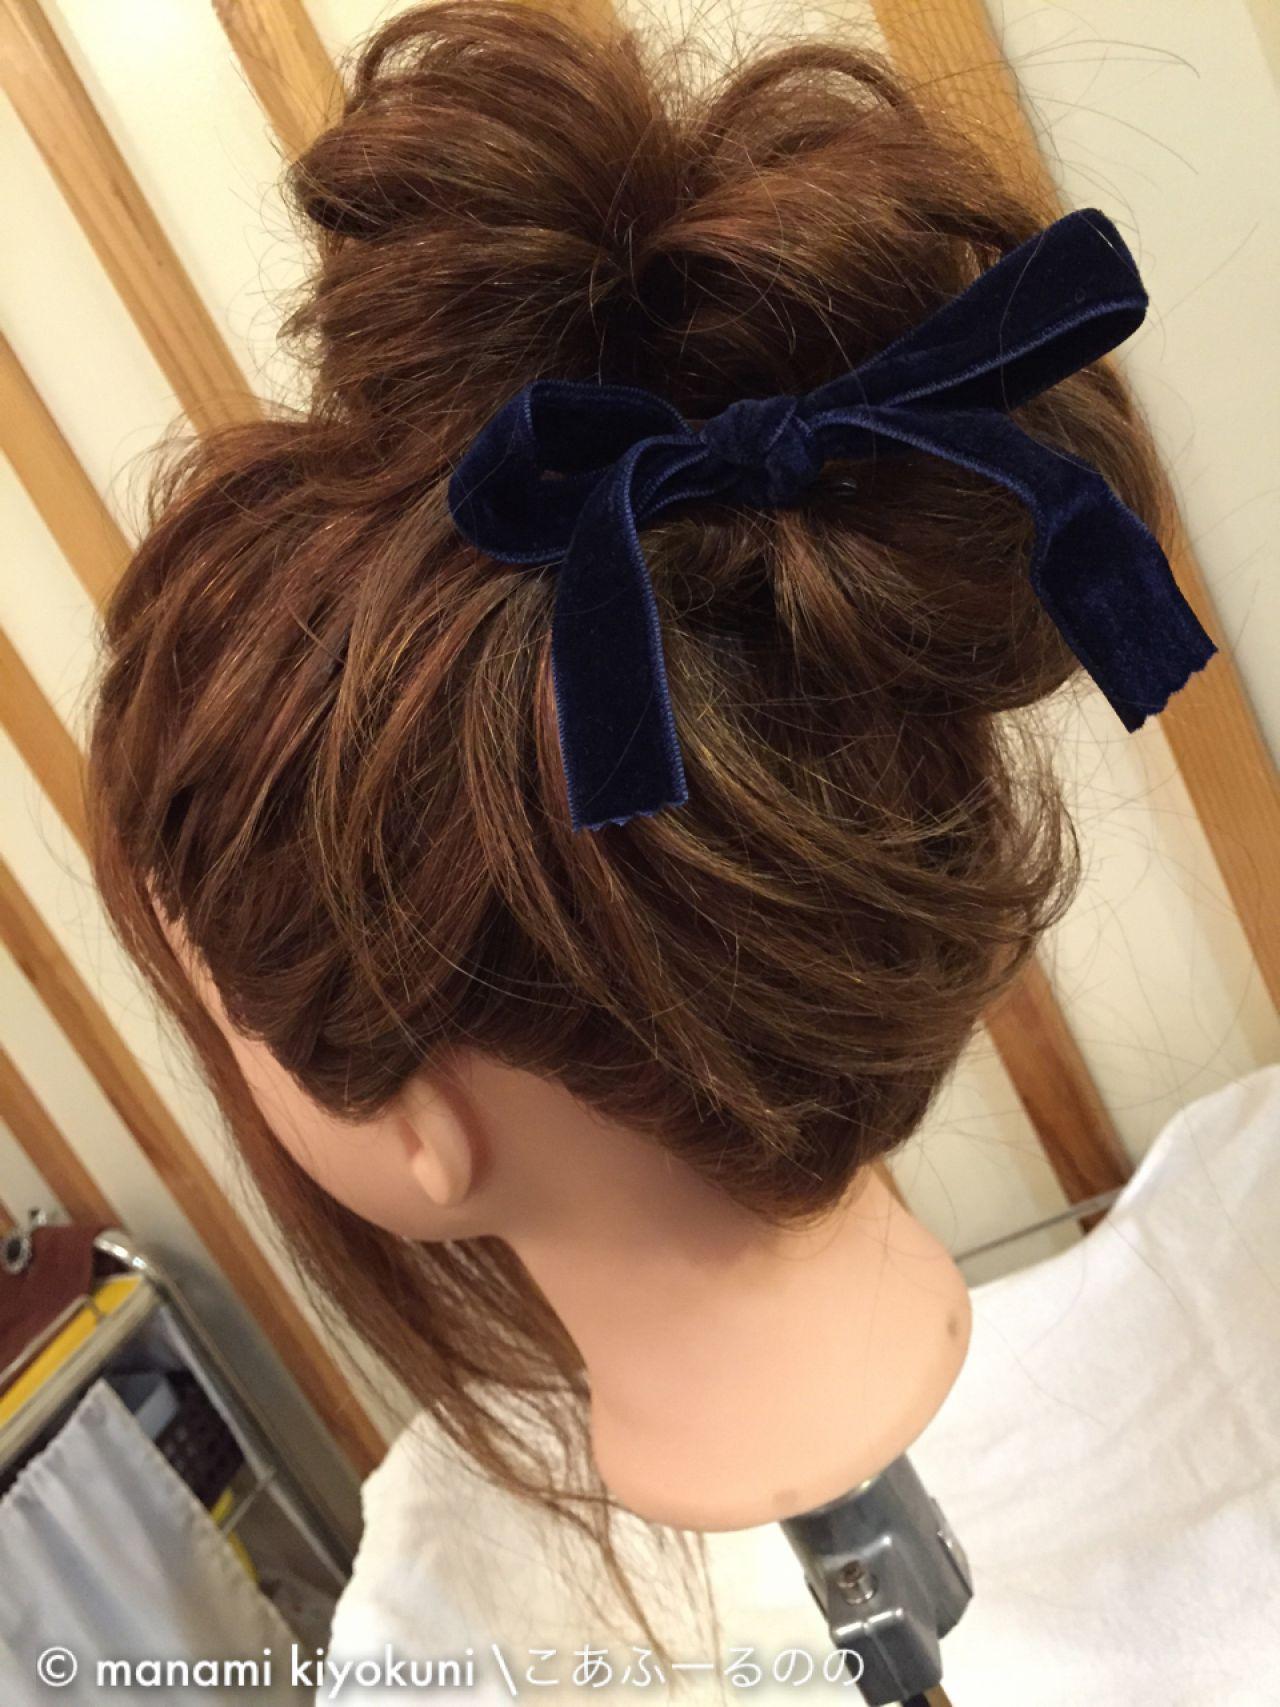 ヘアアレンジ ロング お団子 ストリート ヘアスタイルや髪型の写真・画像